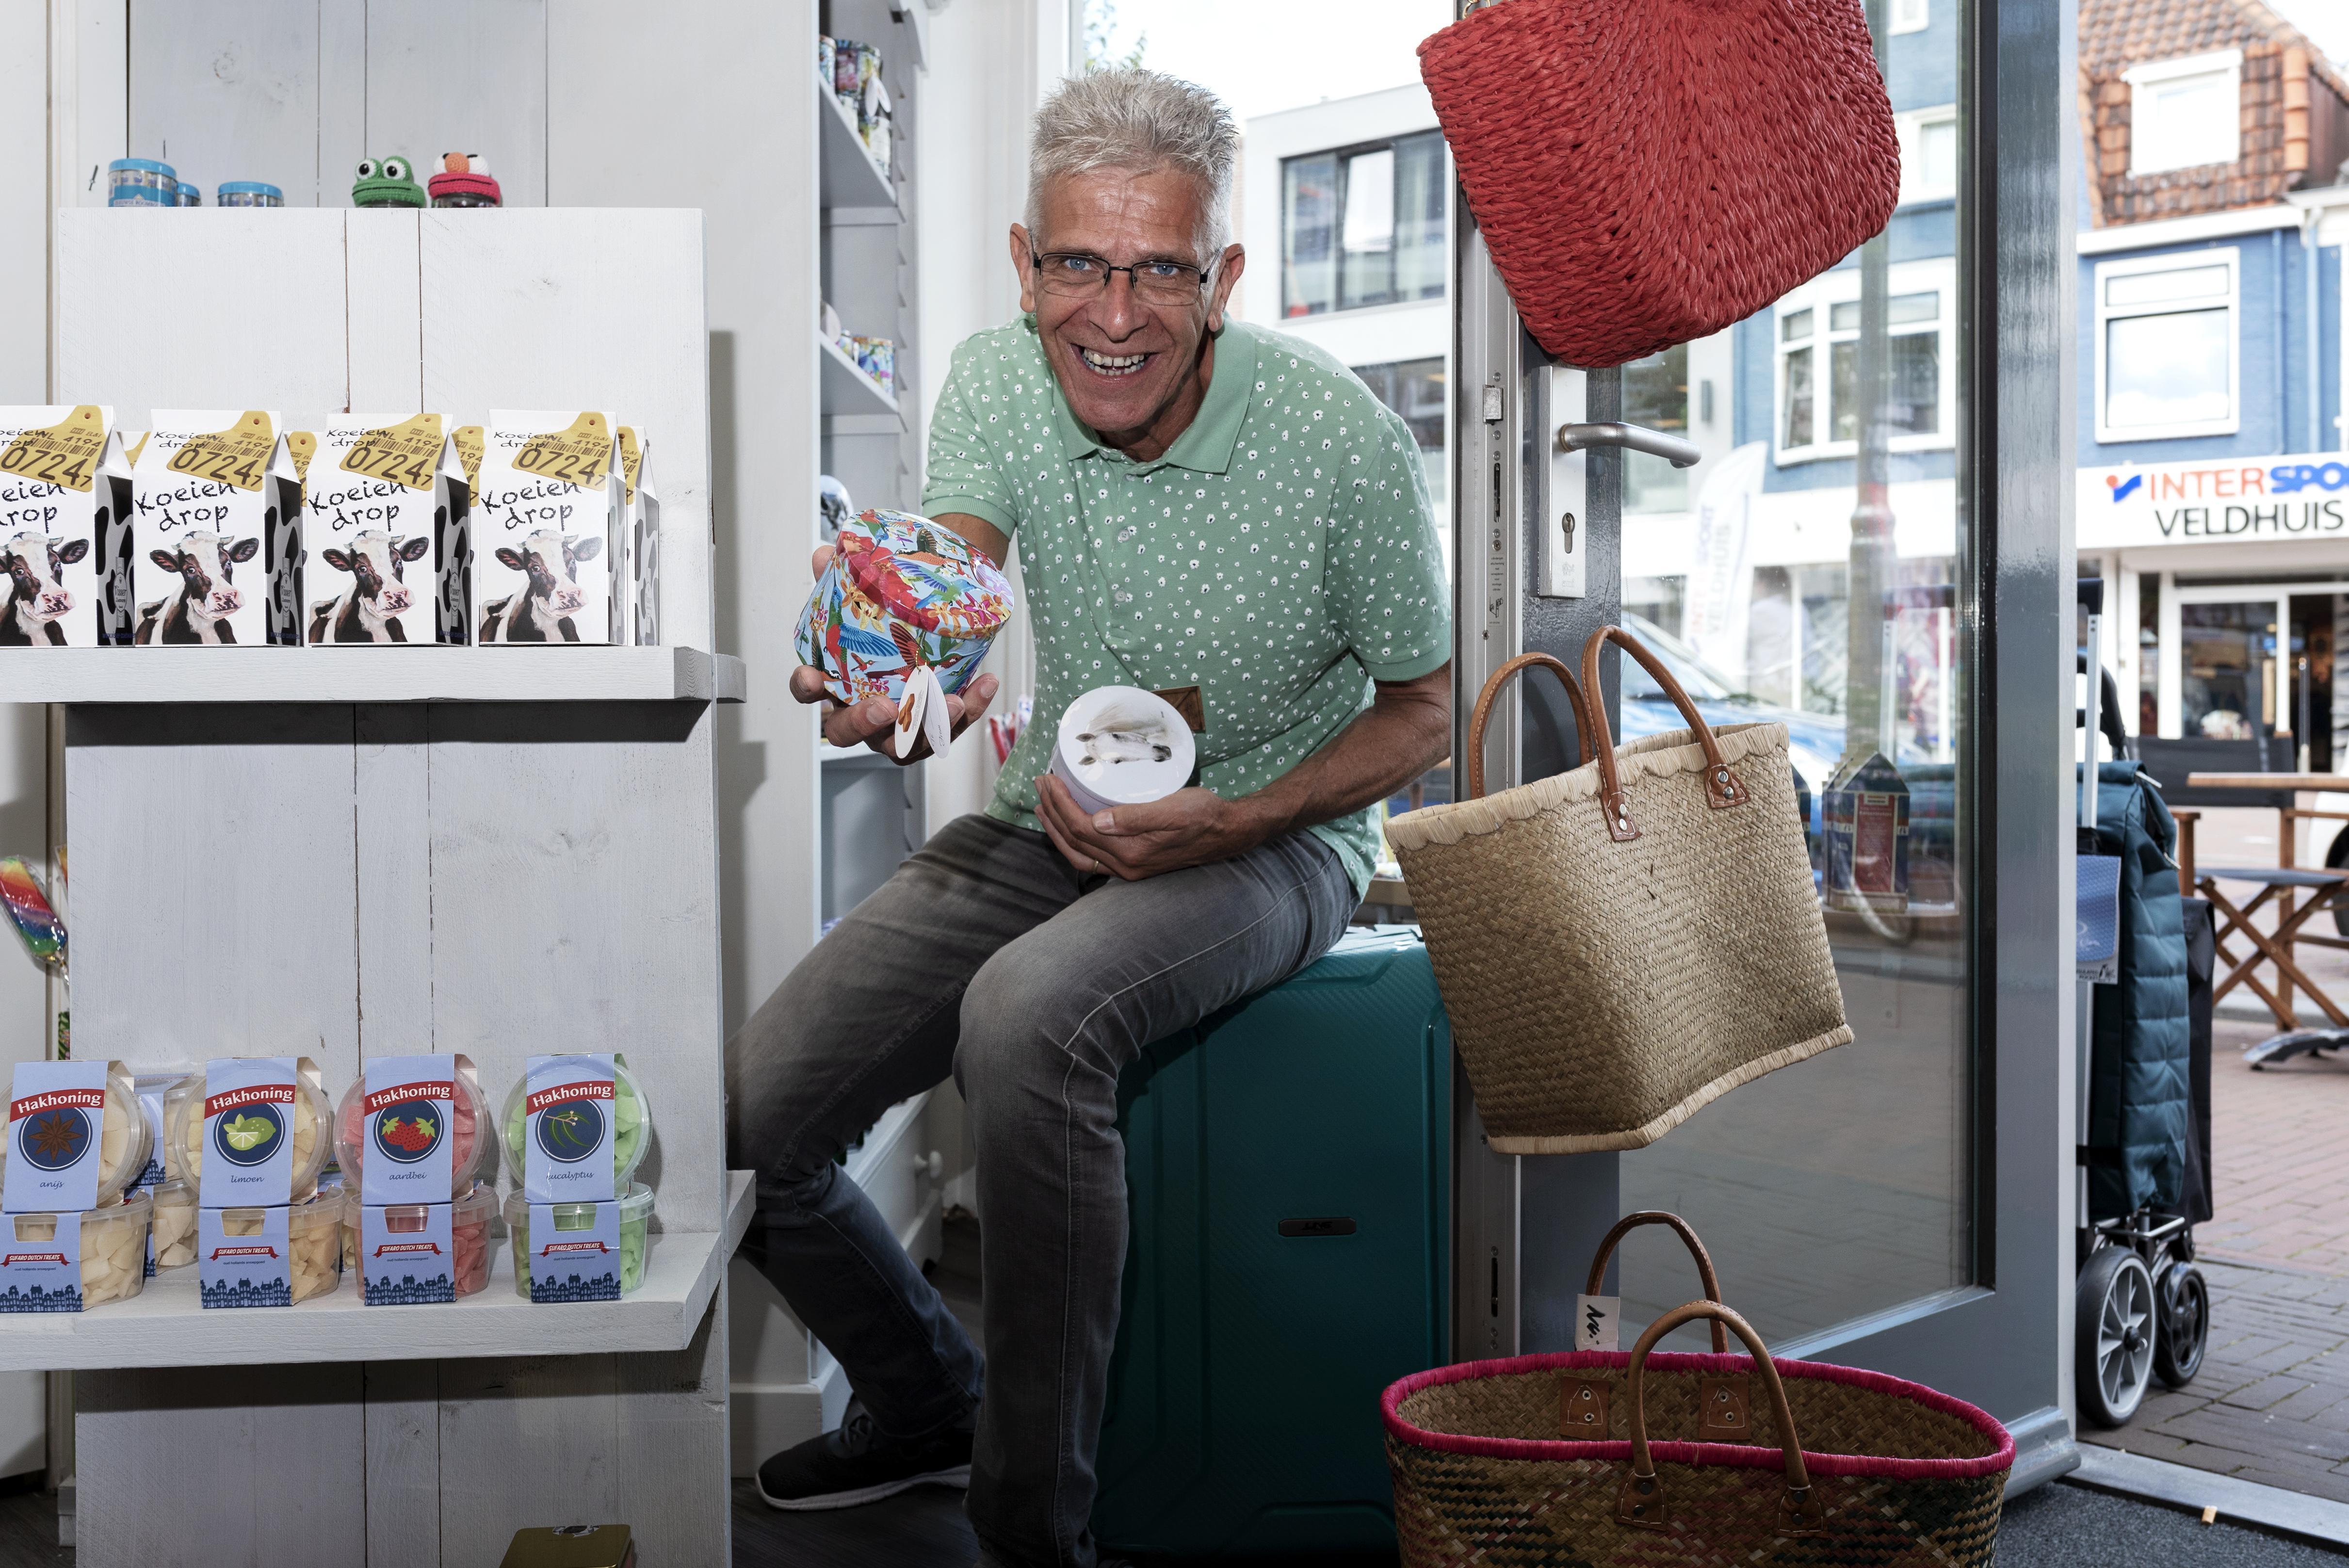 Tassenwinkel in Beverwijk gaat nu ook oud-Hollands snoep verkopen